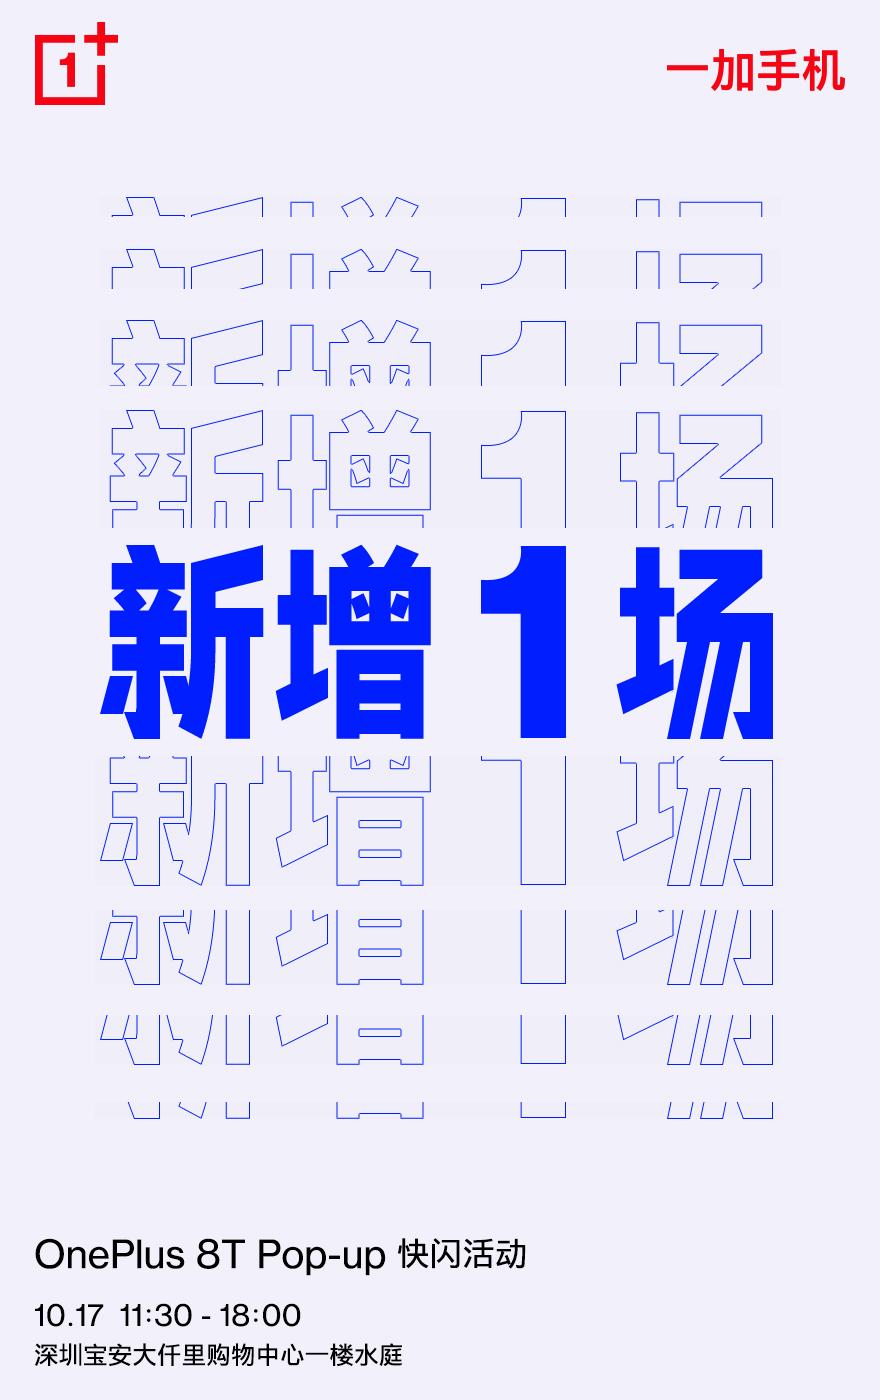 微博B站 社区.jpg